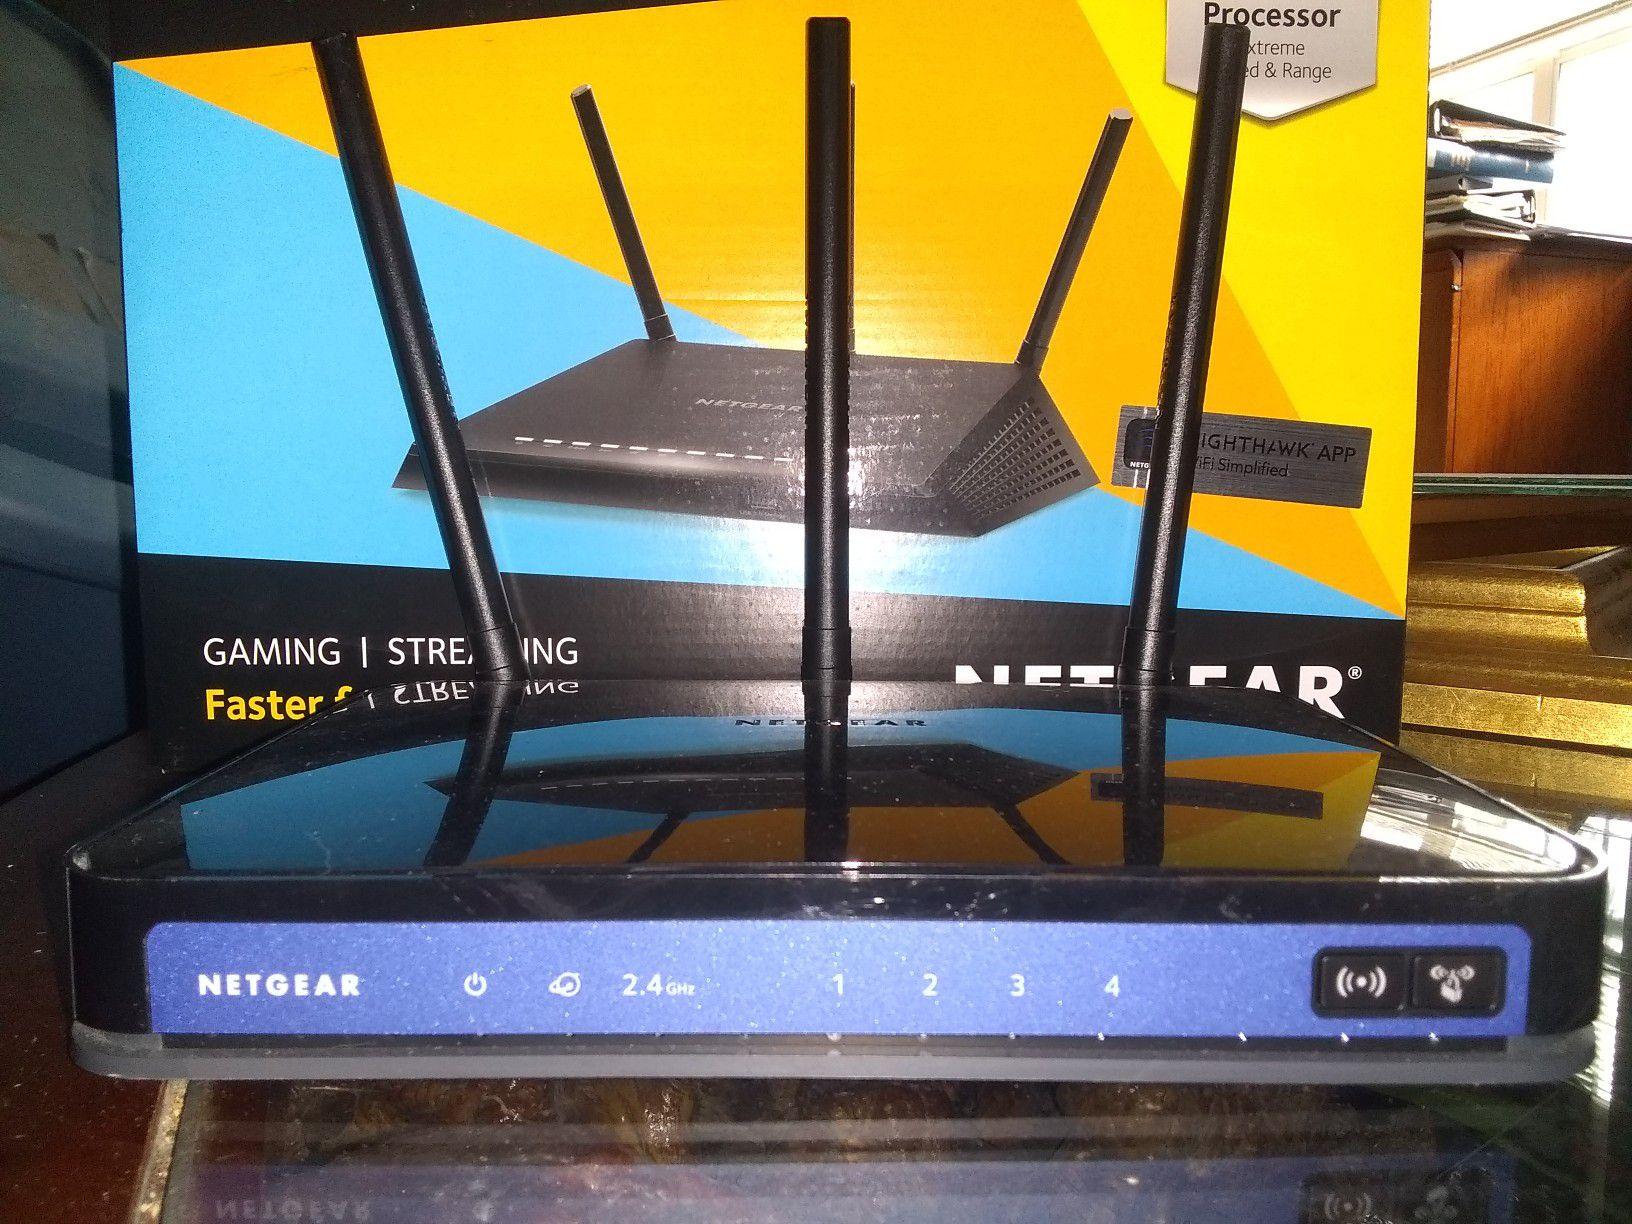 Netgear NightHawk WiFi Router